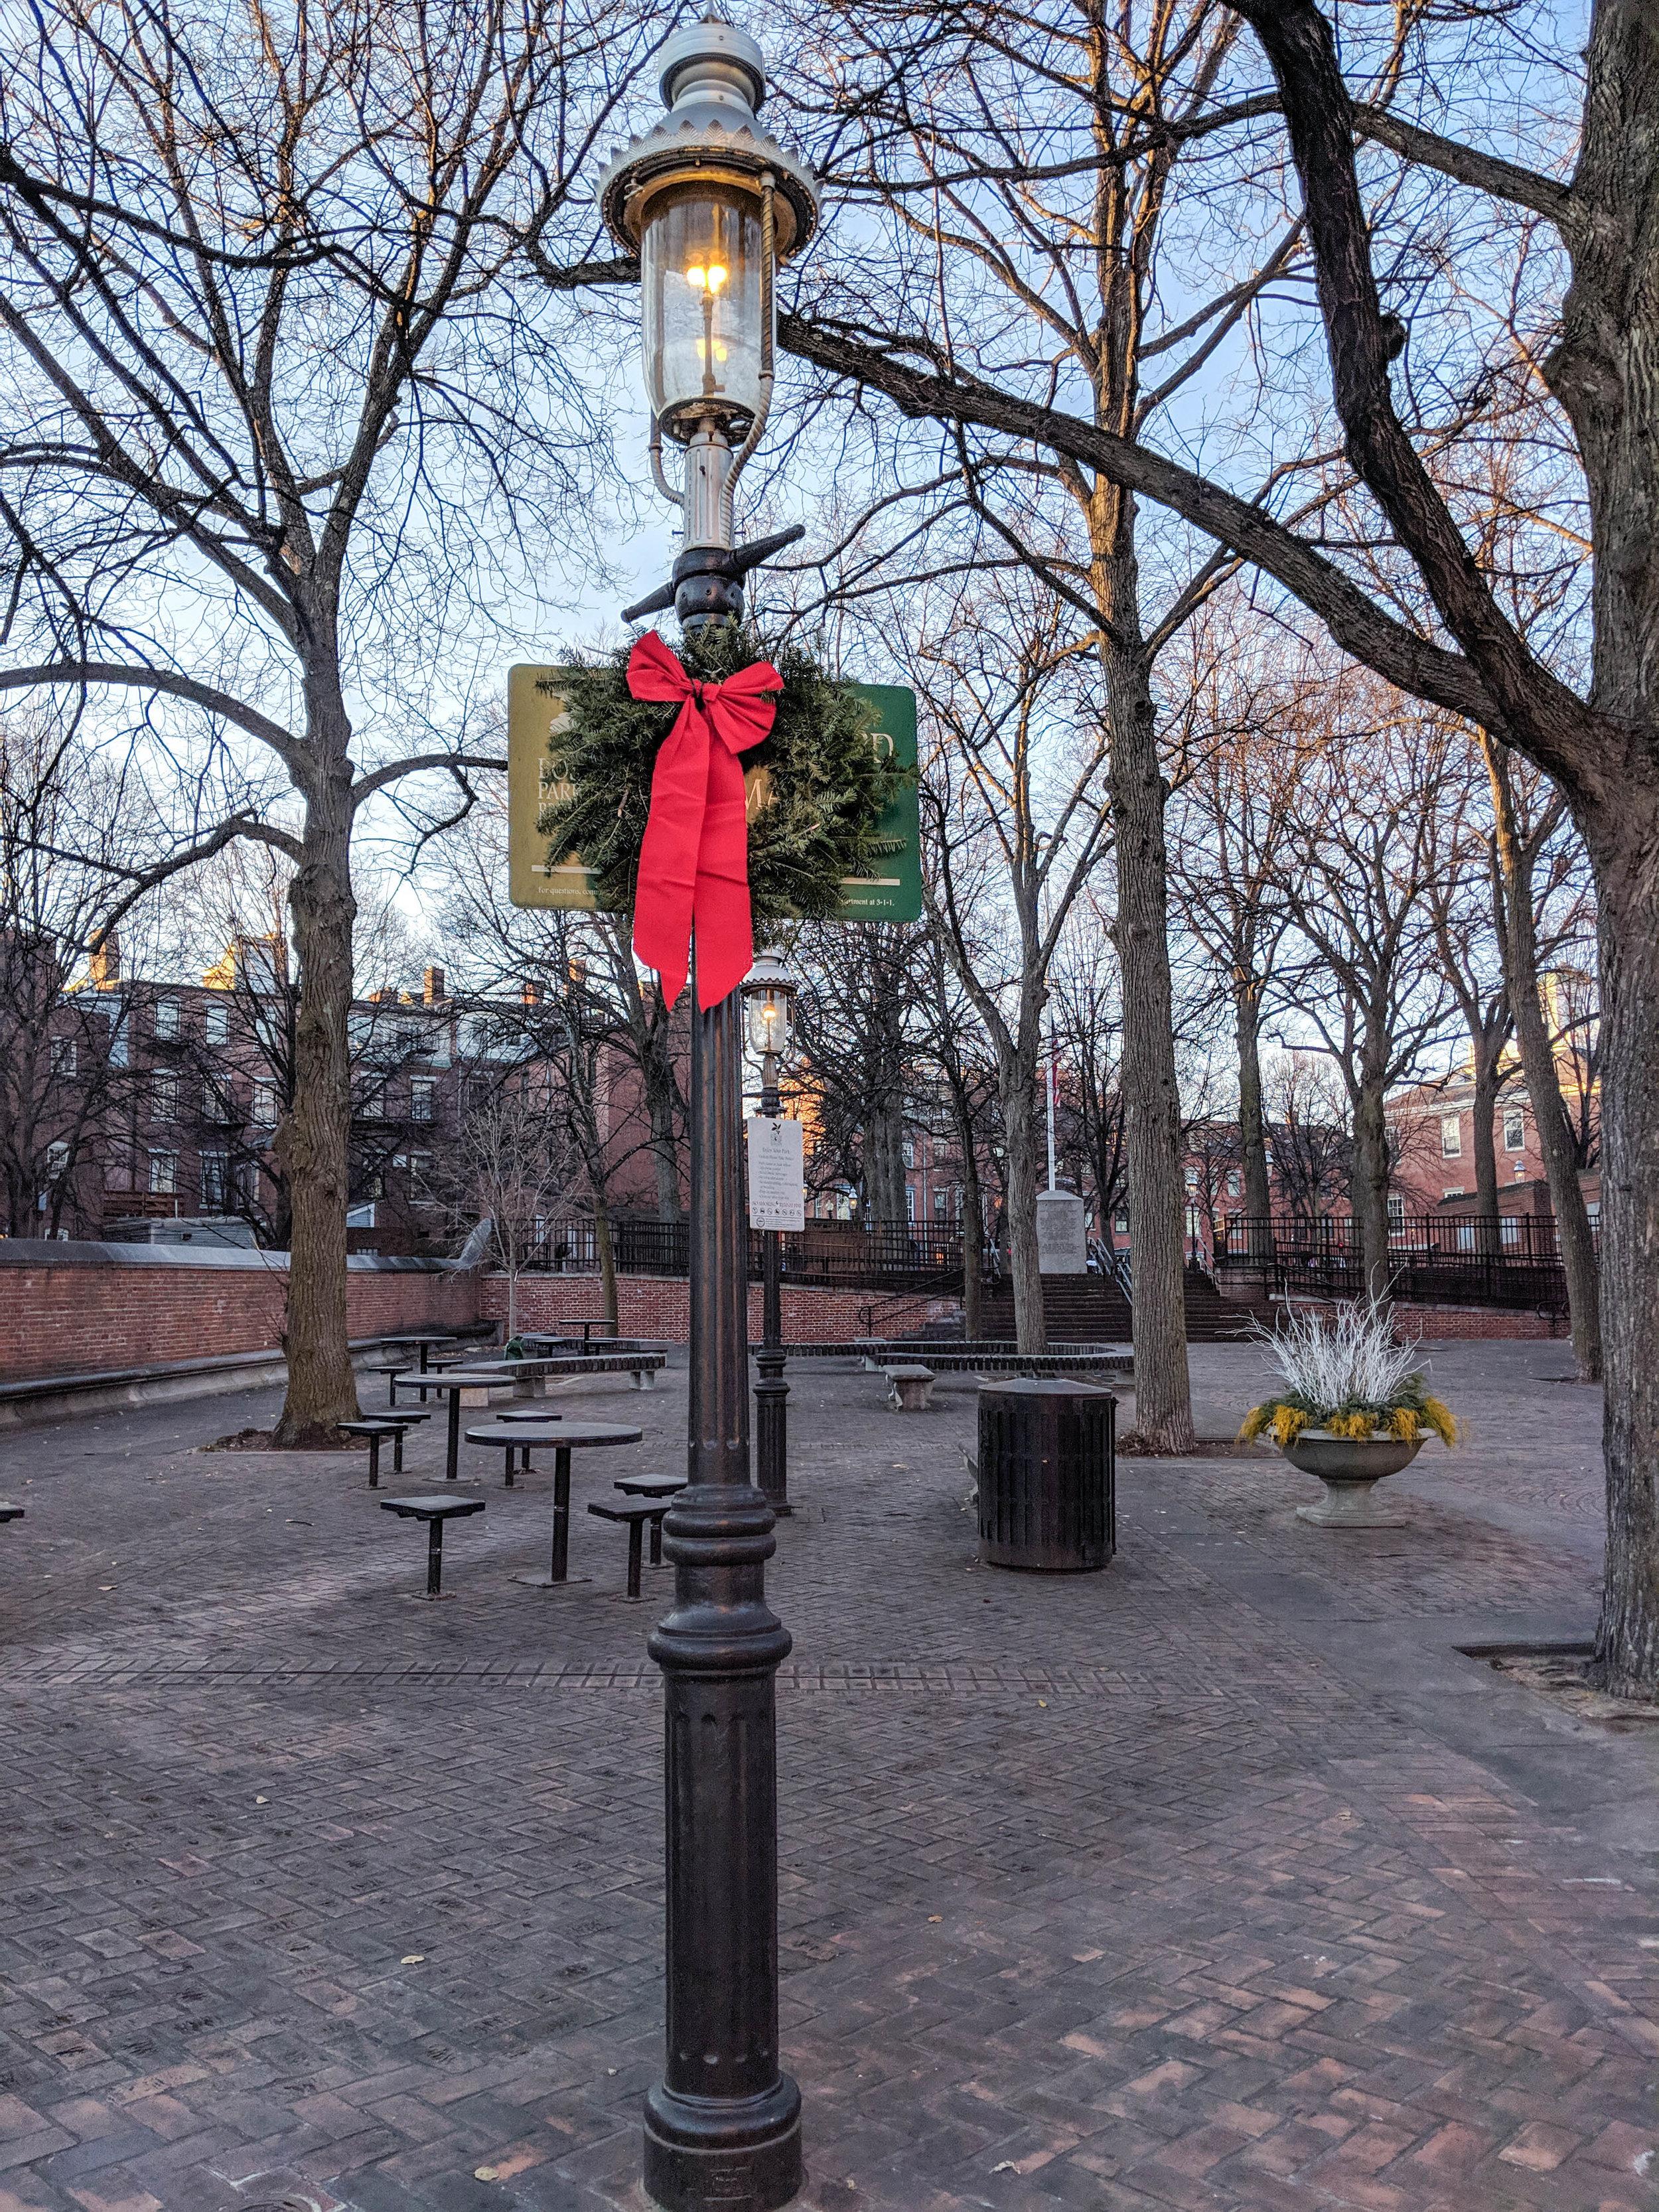 bri rinehart; photography; boston; charlestown; Christmas